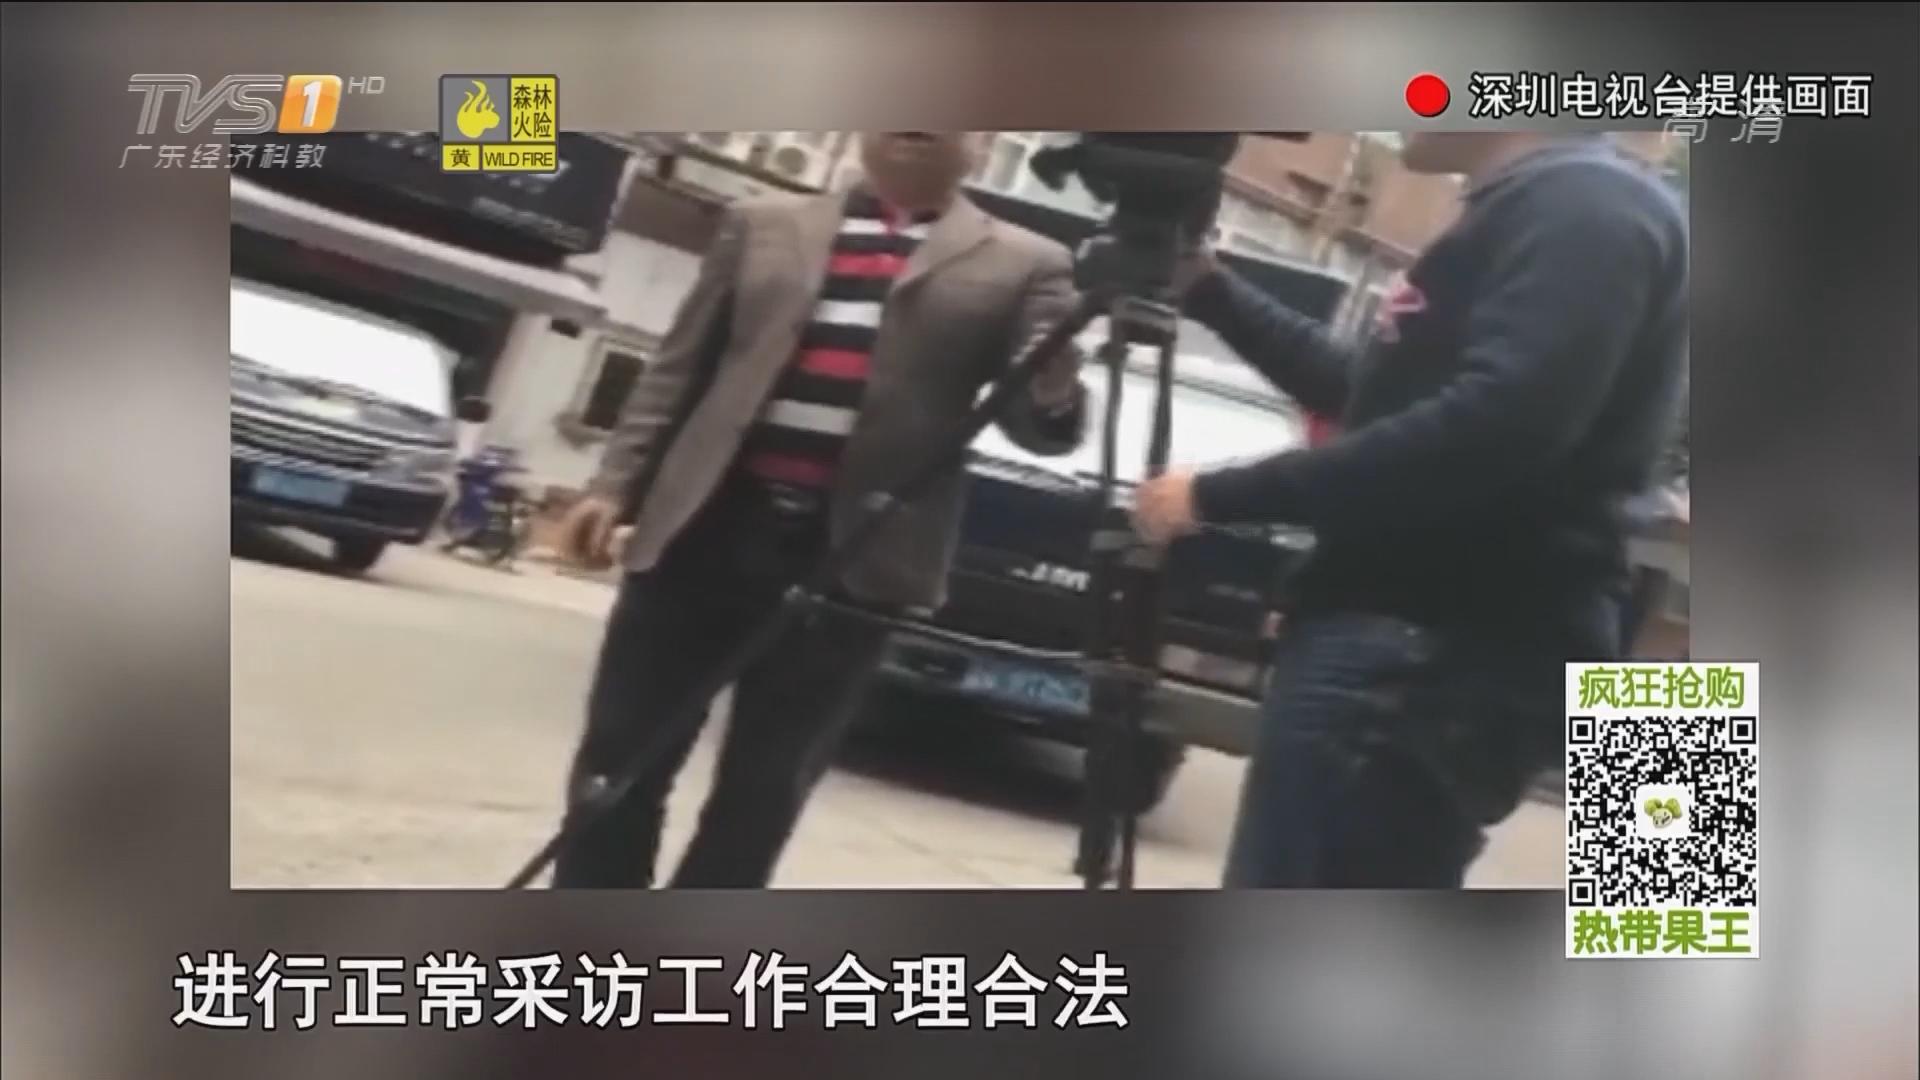 深圳:记者采访 被掐脖抢摄像机